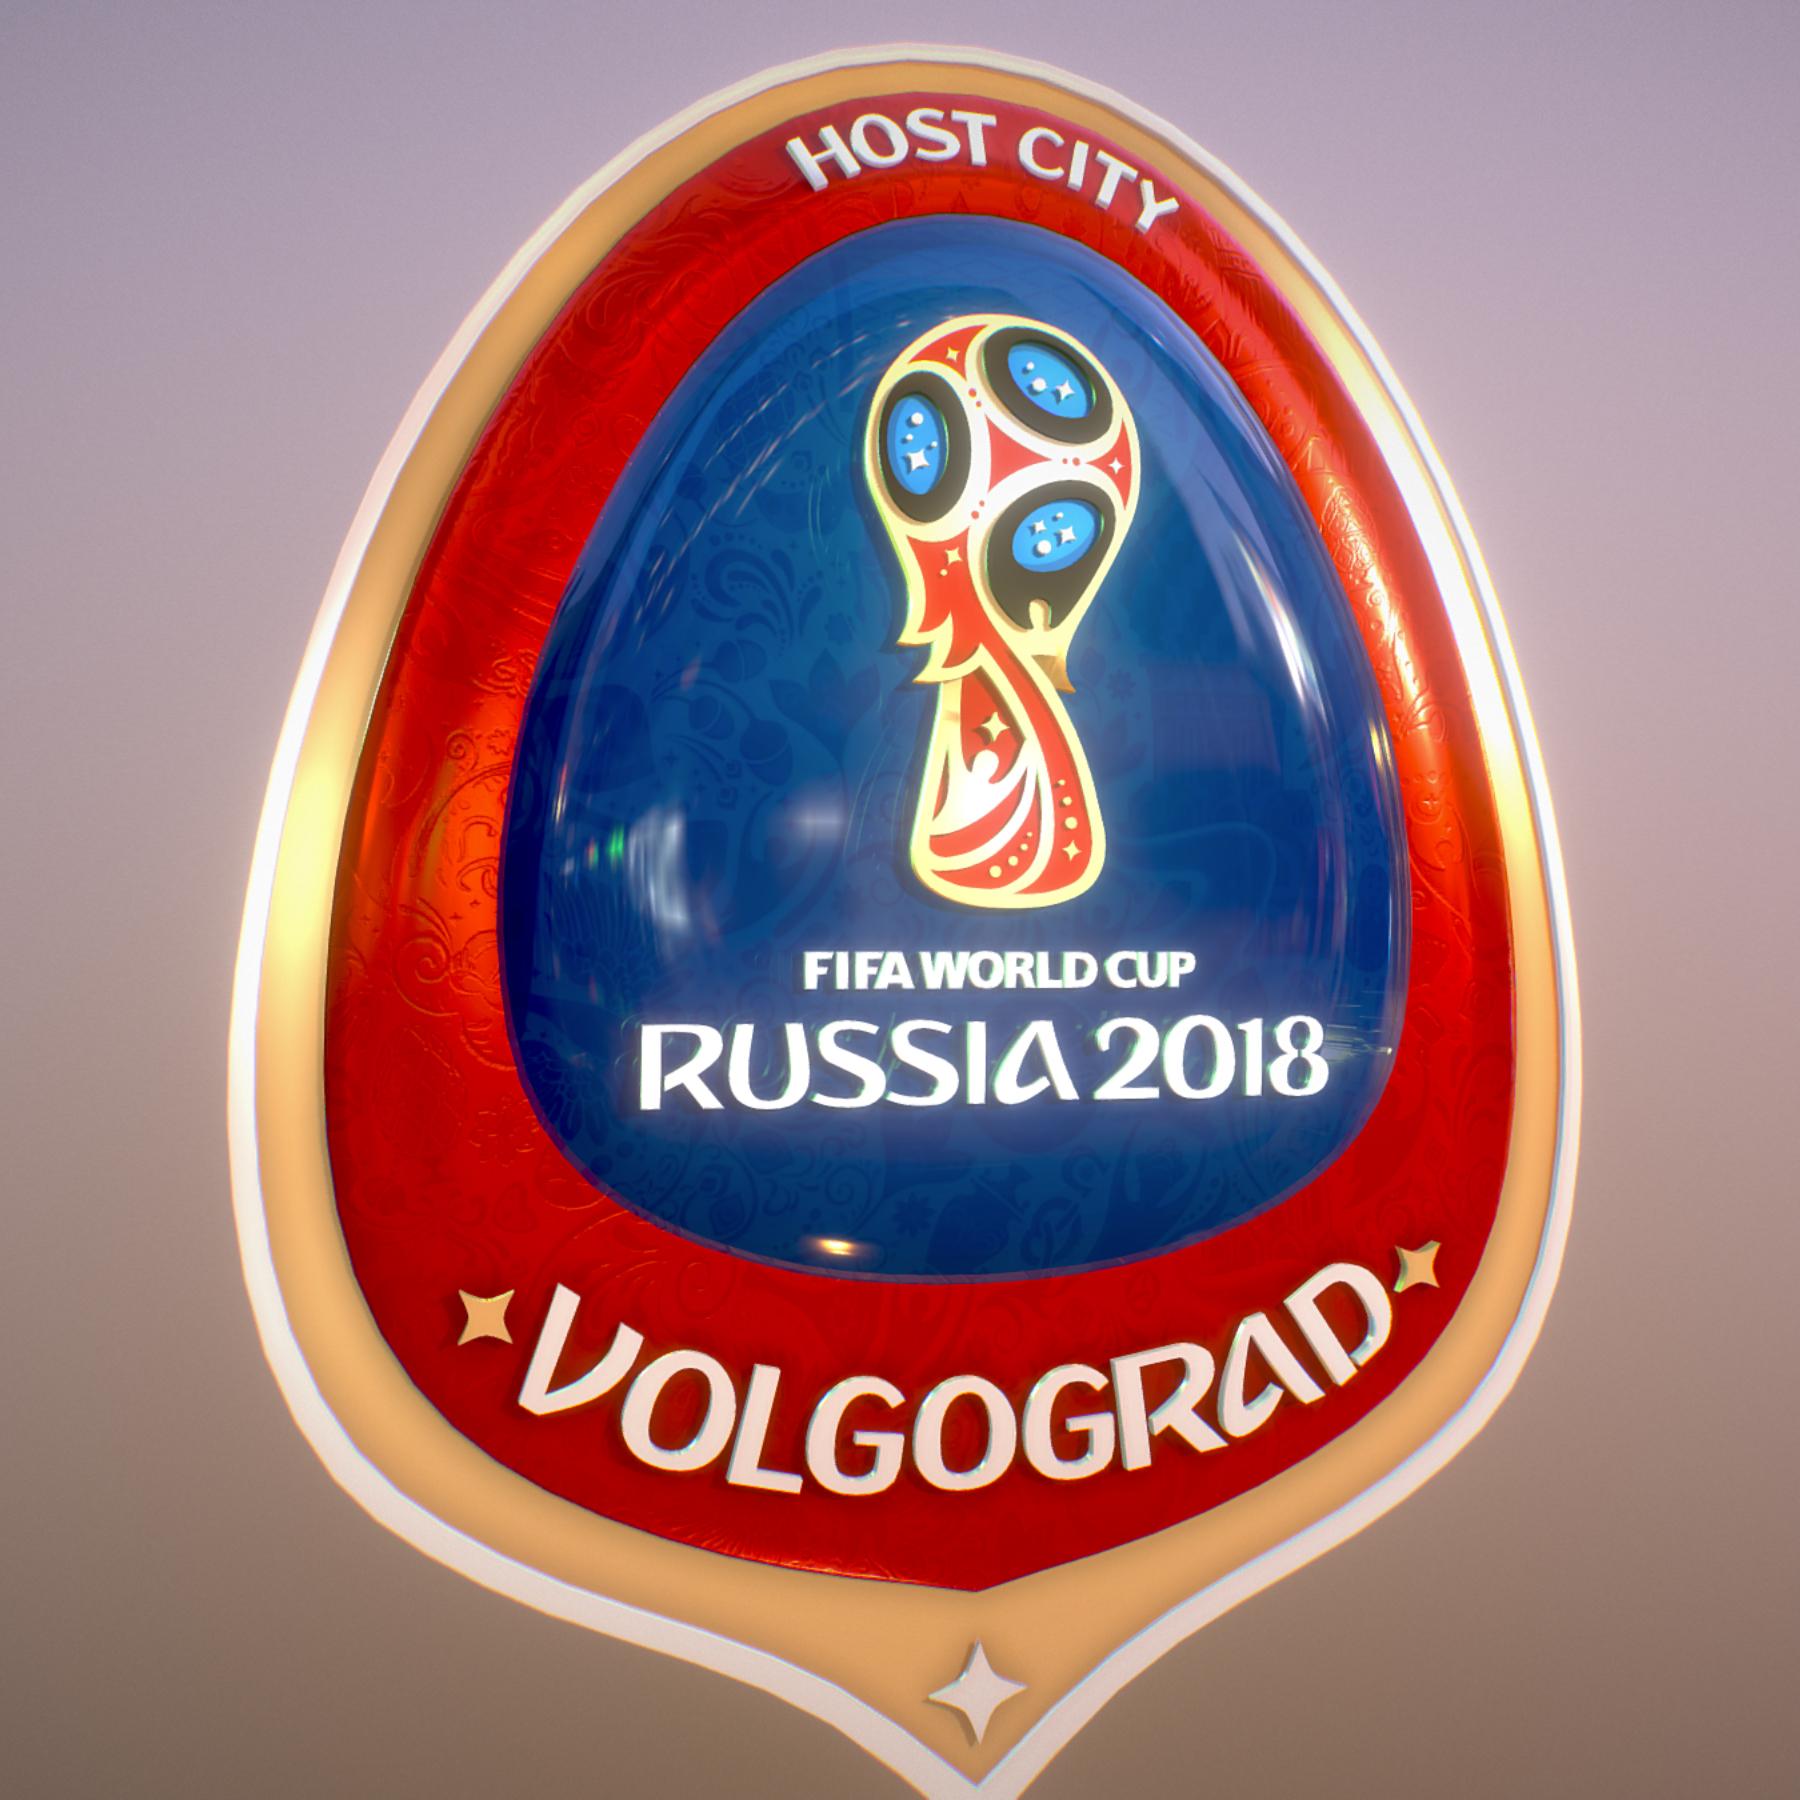 volgograd host city world cup russia 2018 symbol 3d model max  fbx jpeg jpg ma mb obj 271870